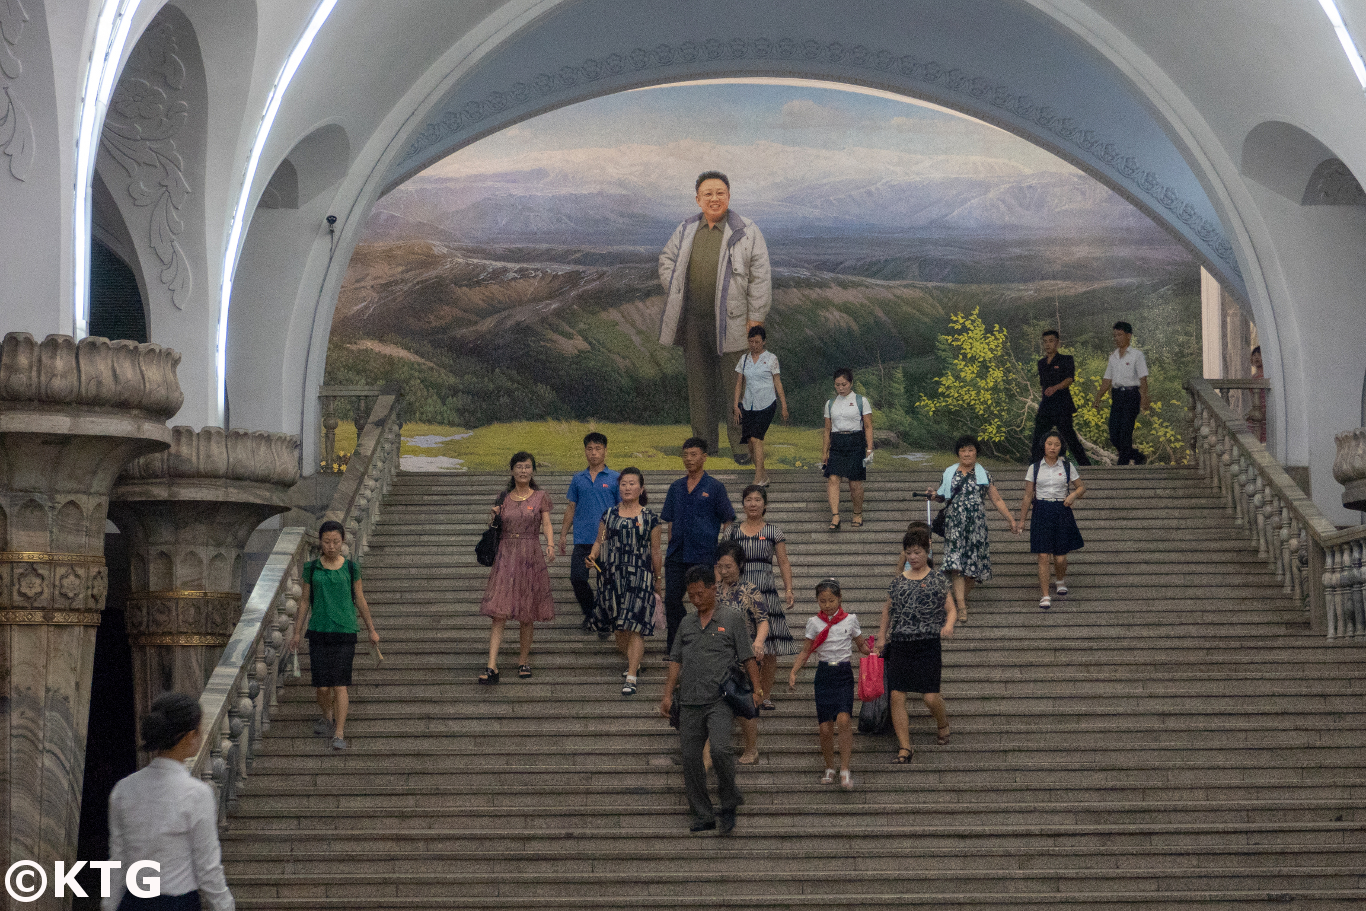 Metro de Pyongyang en Corea del Norte (RPDC). Viaje organizado por KTG Tours